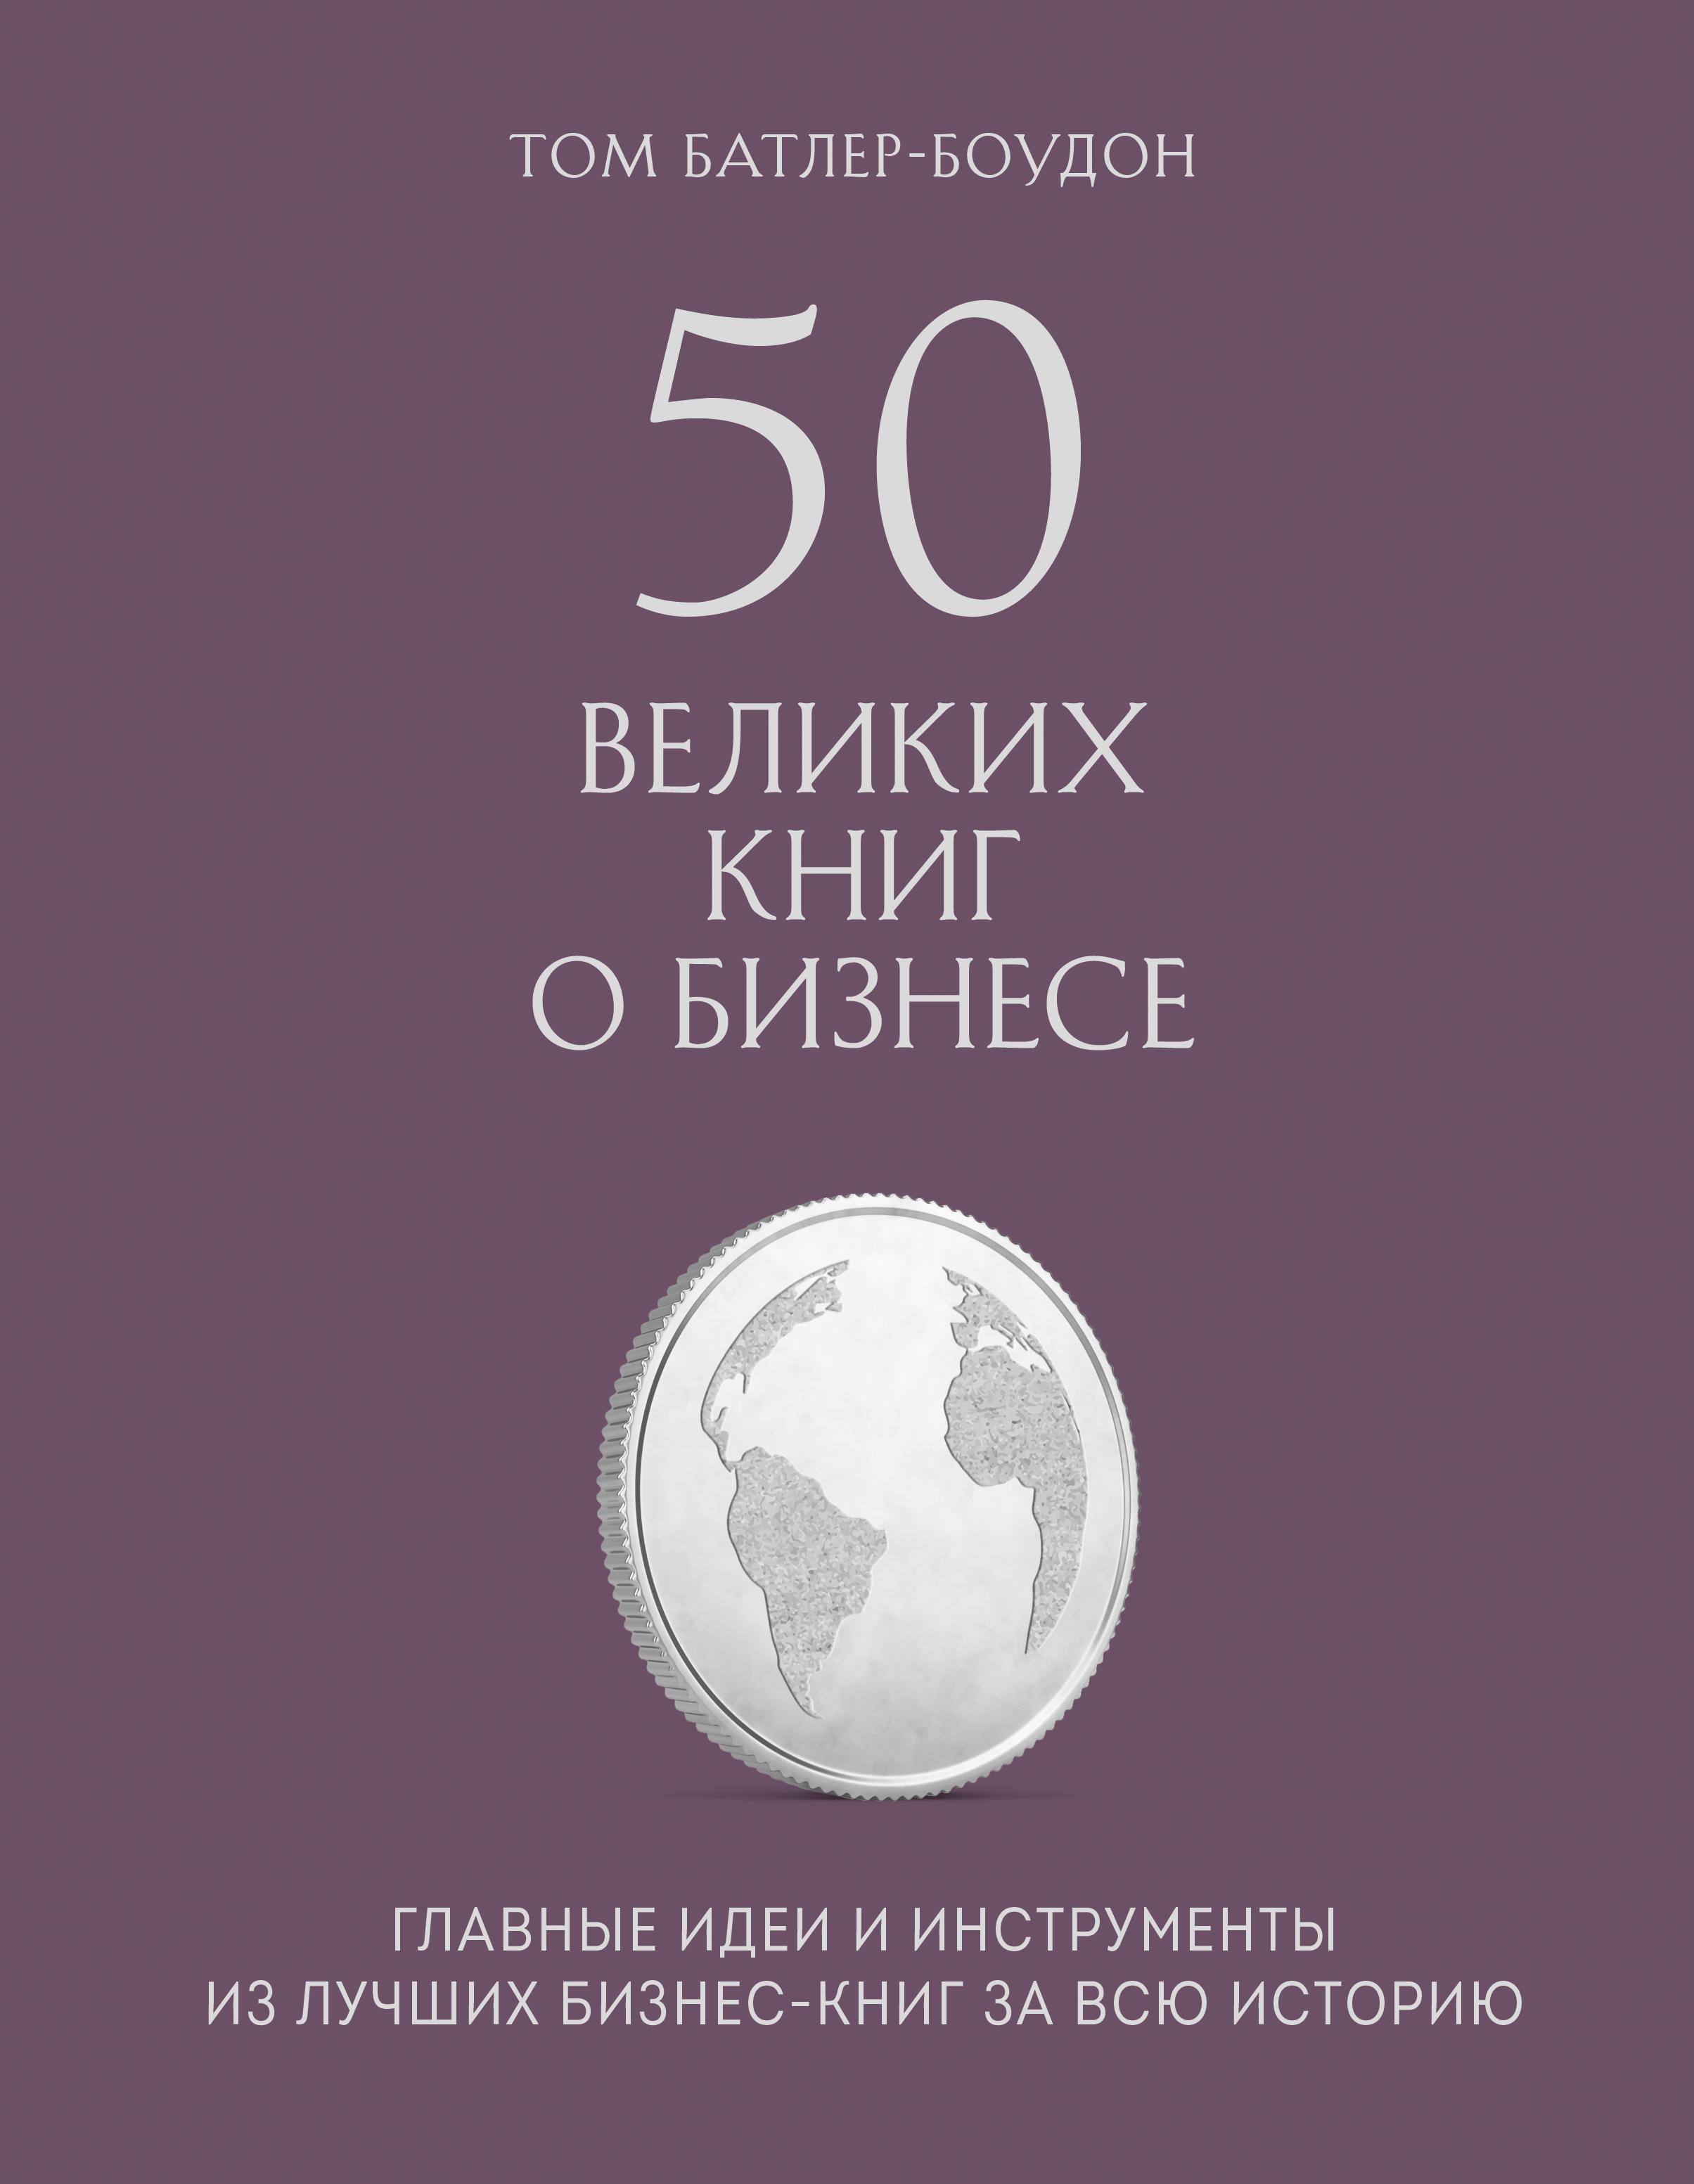 Том Батлер-Боудон «50 великих книг о бизнесе. Главные идеи и инструменты из лучших бизнес-книг за всю историю»